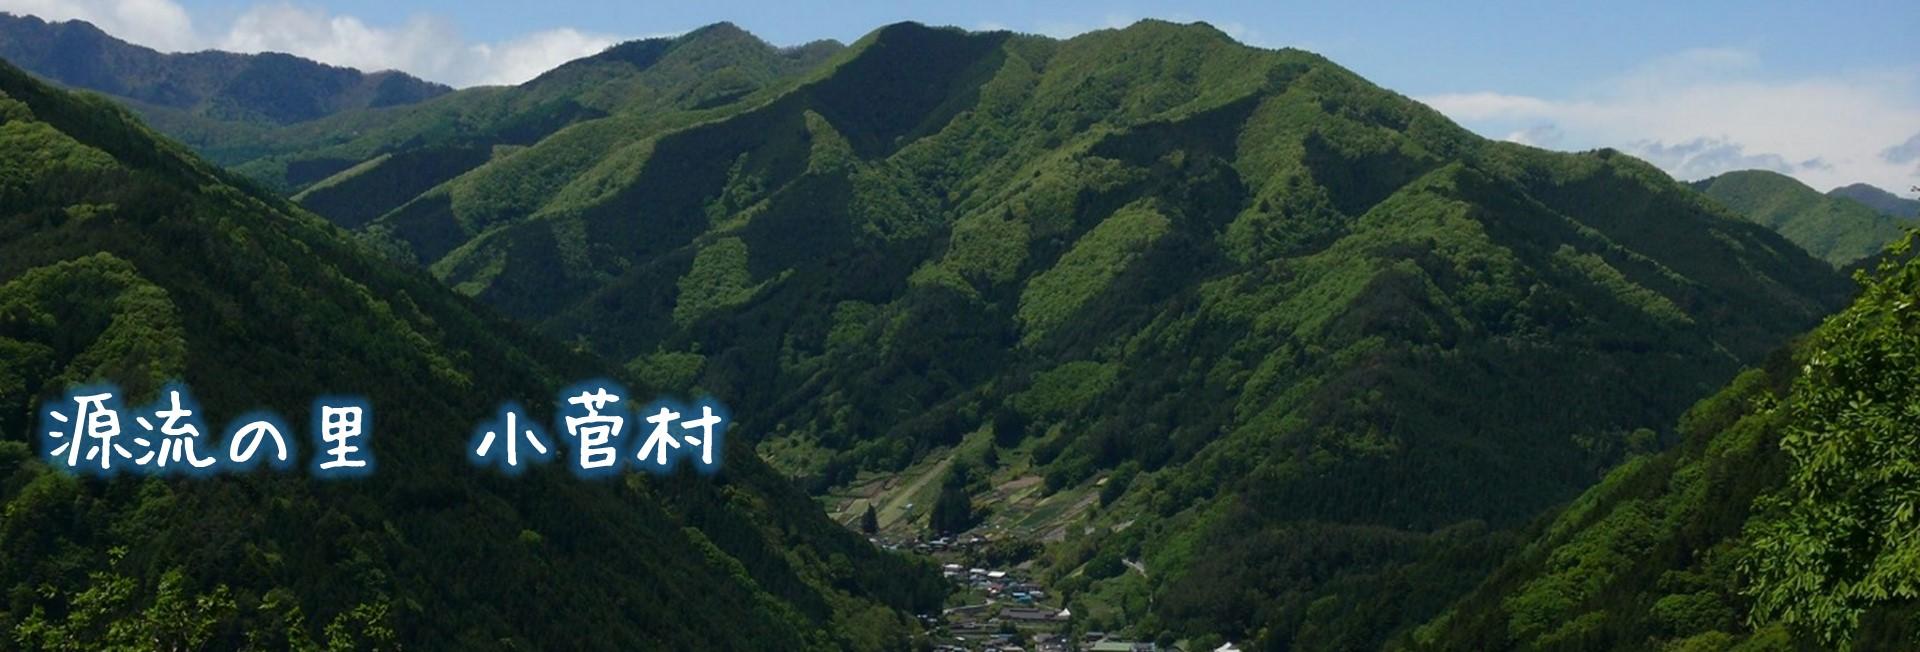 小菅村について